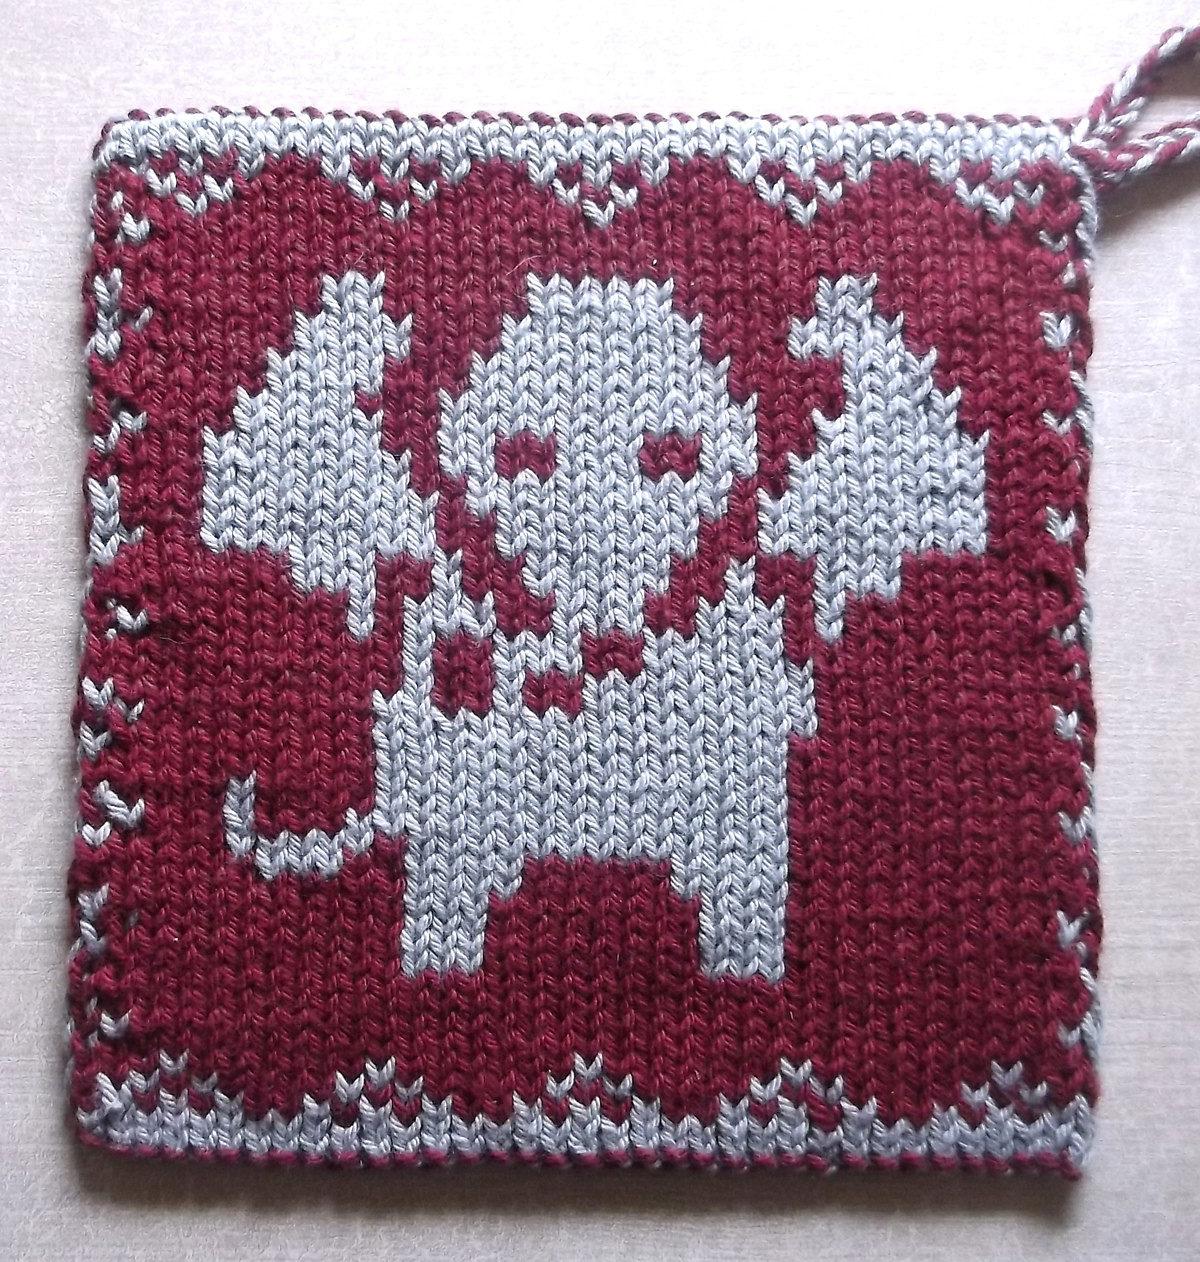 Free Knitting Pattern for Elephant Pot Holder